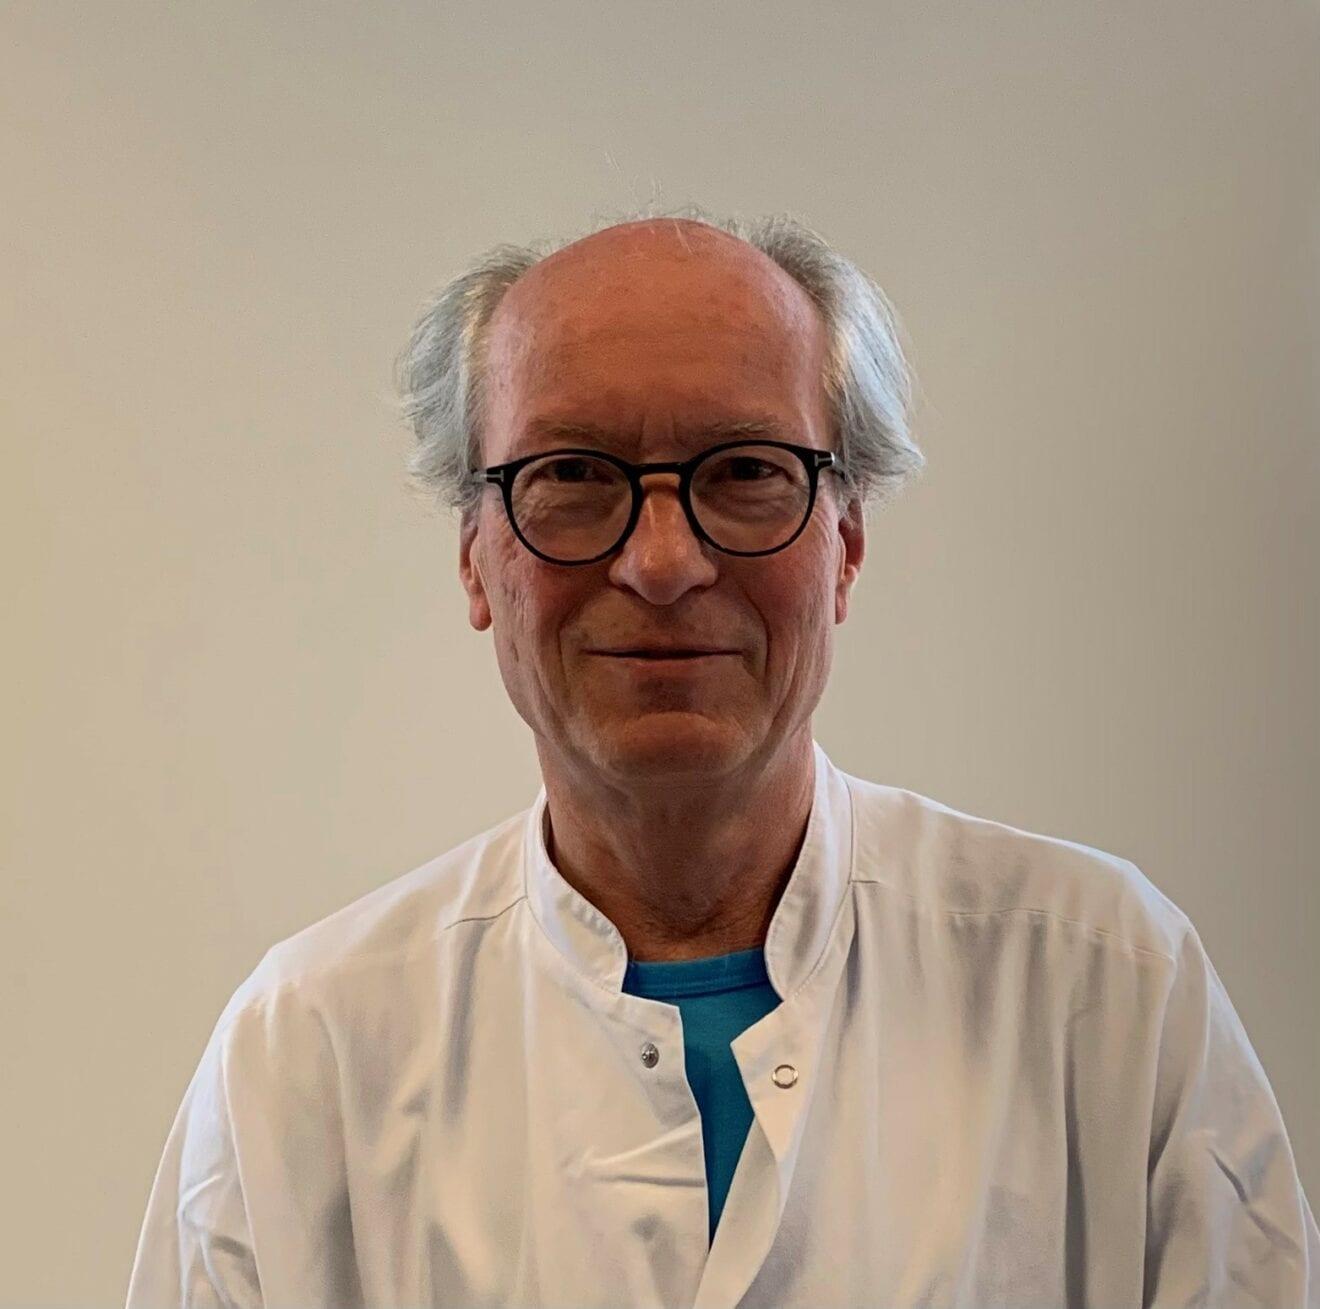 Niels Løkkegaard bliver ny ledende overlæge i Medicinsk Afdeling